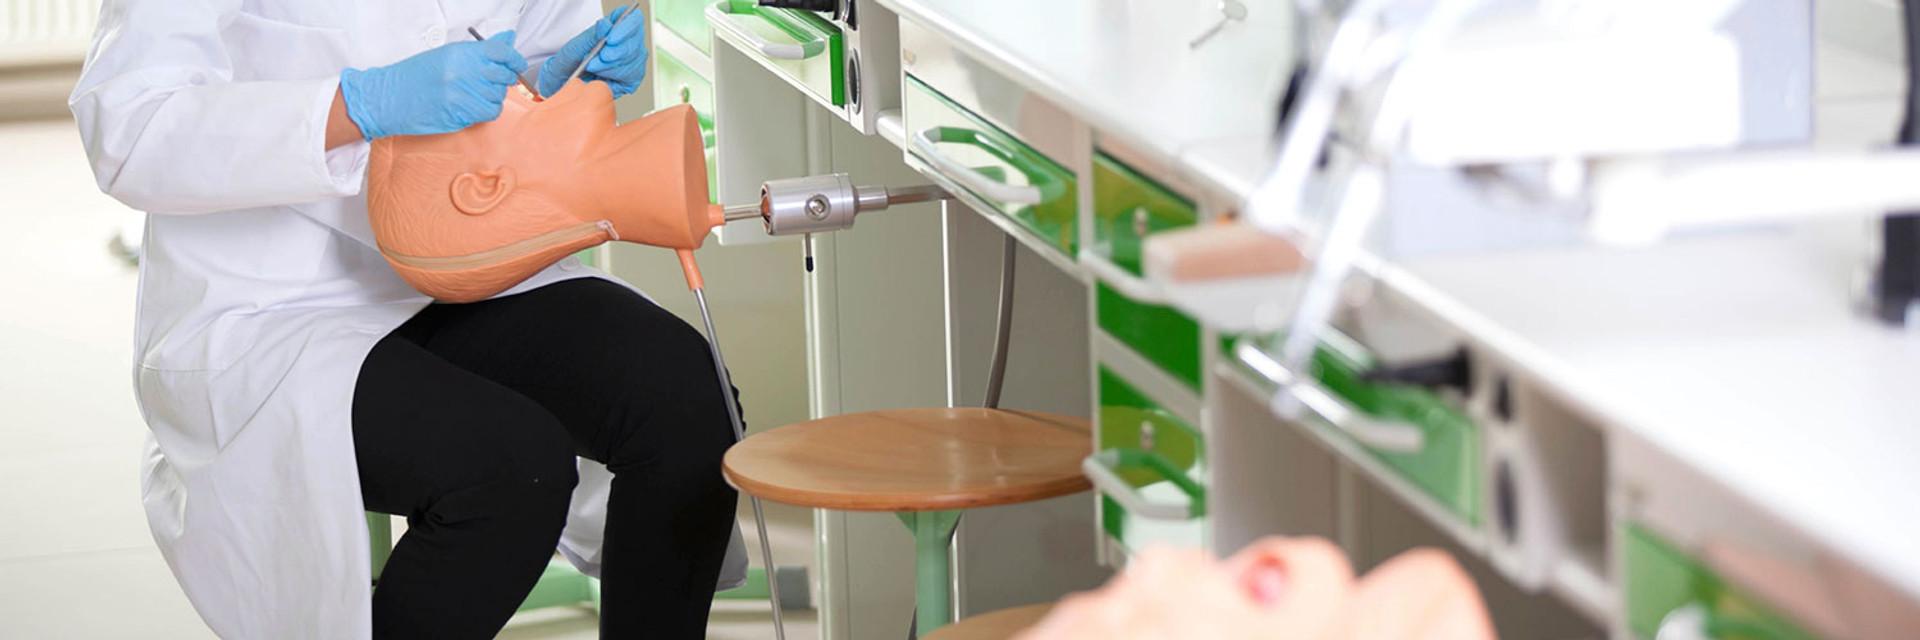 Shop dental models and simulators